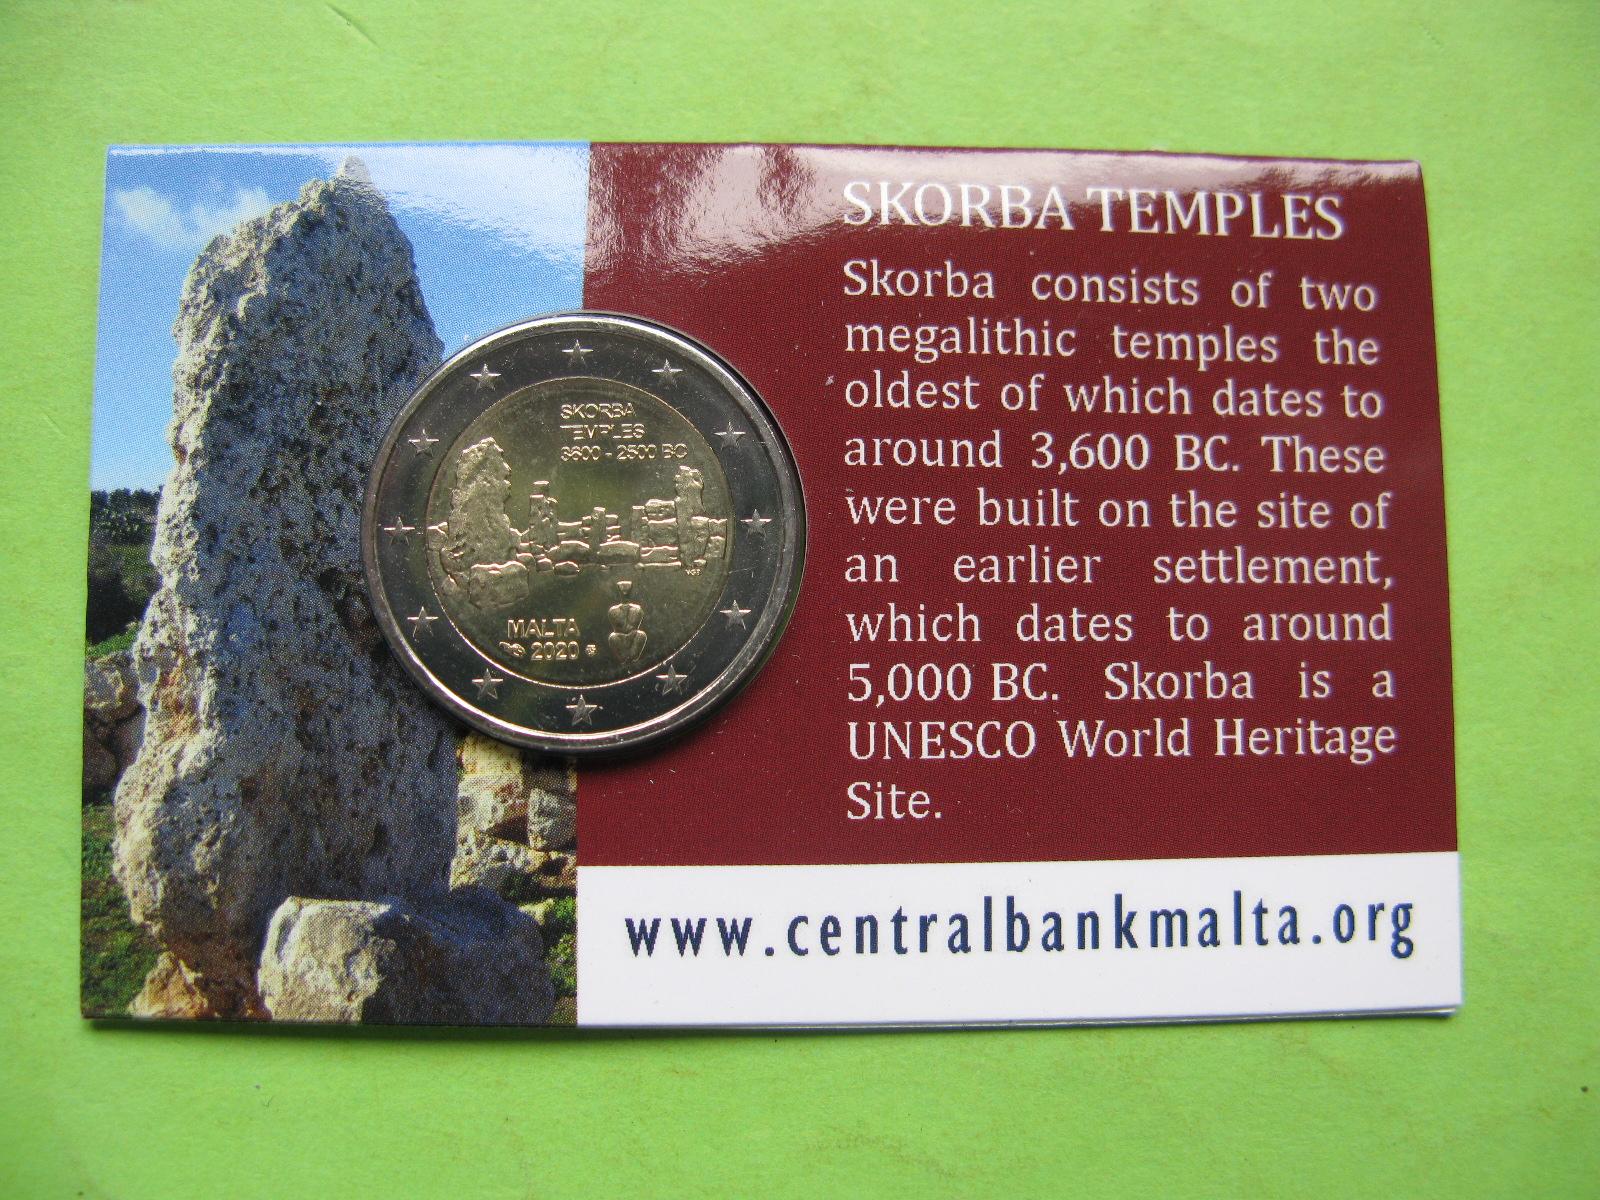 Мальта 2 евро 2020 г. Мегалитический храм Скорба (в карточке)